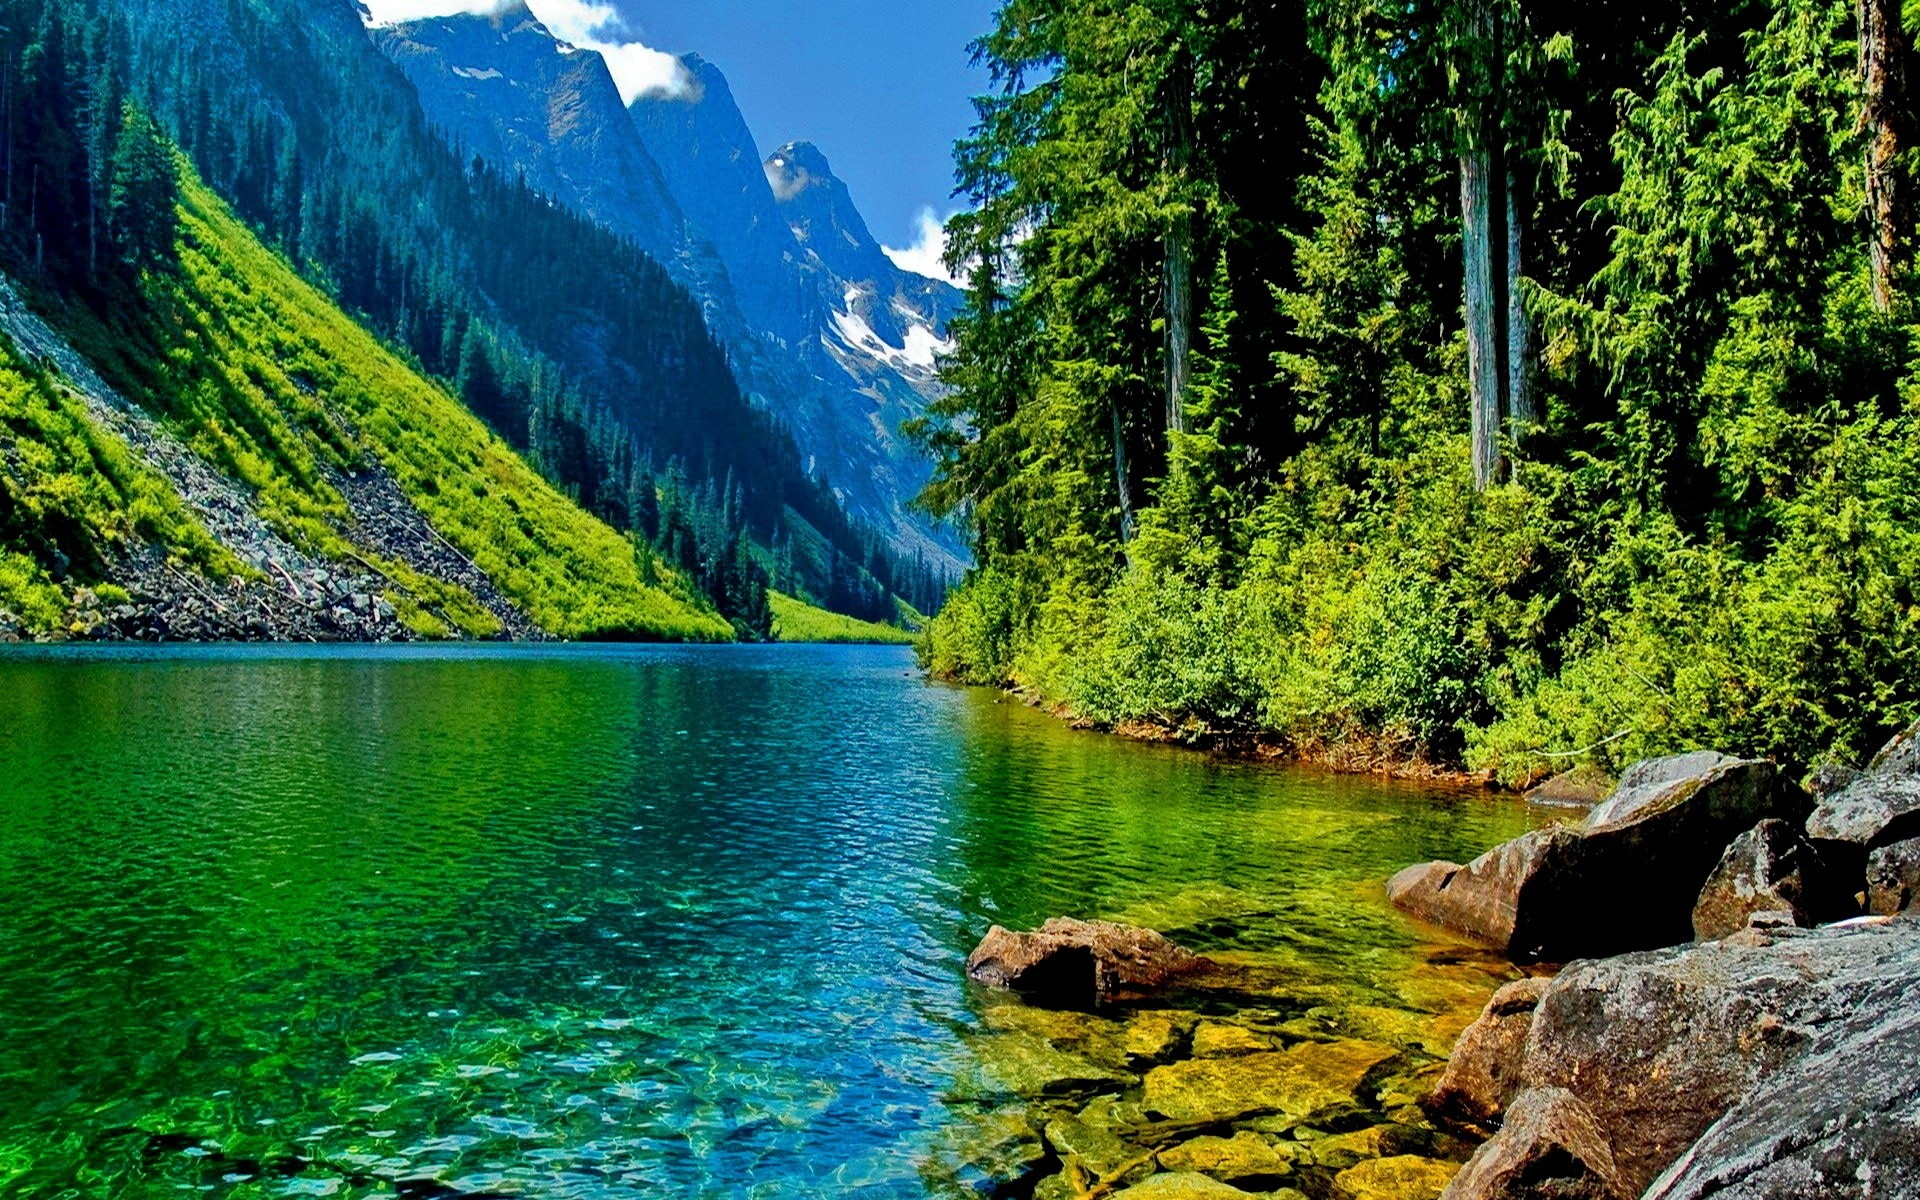 Free Beautiful Desktop Wallpaper HD - WallpaperSafari